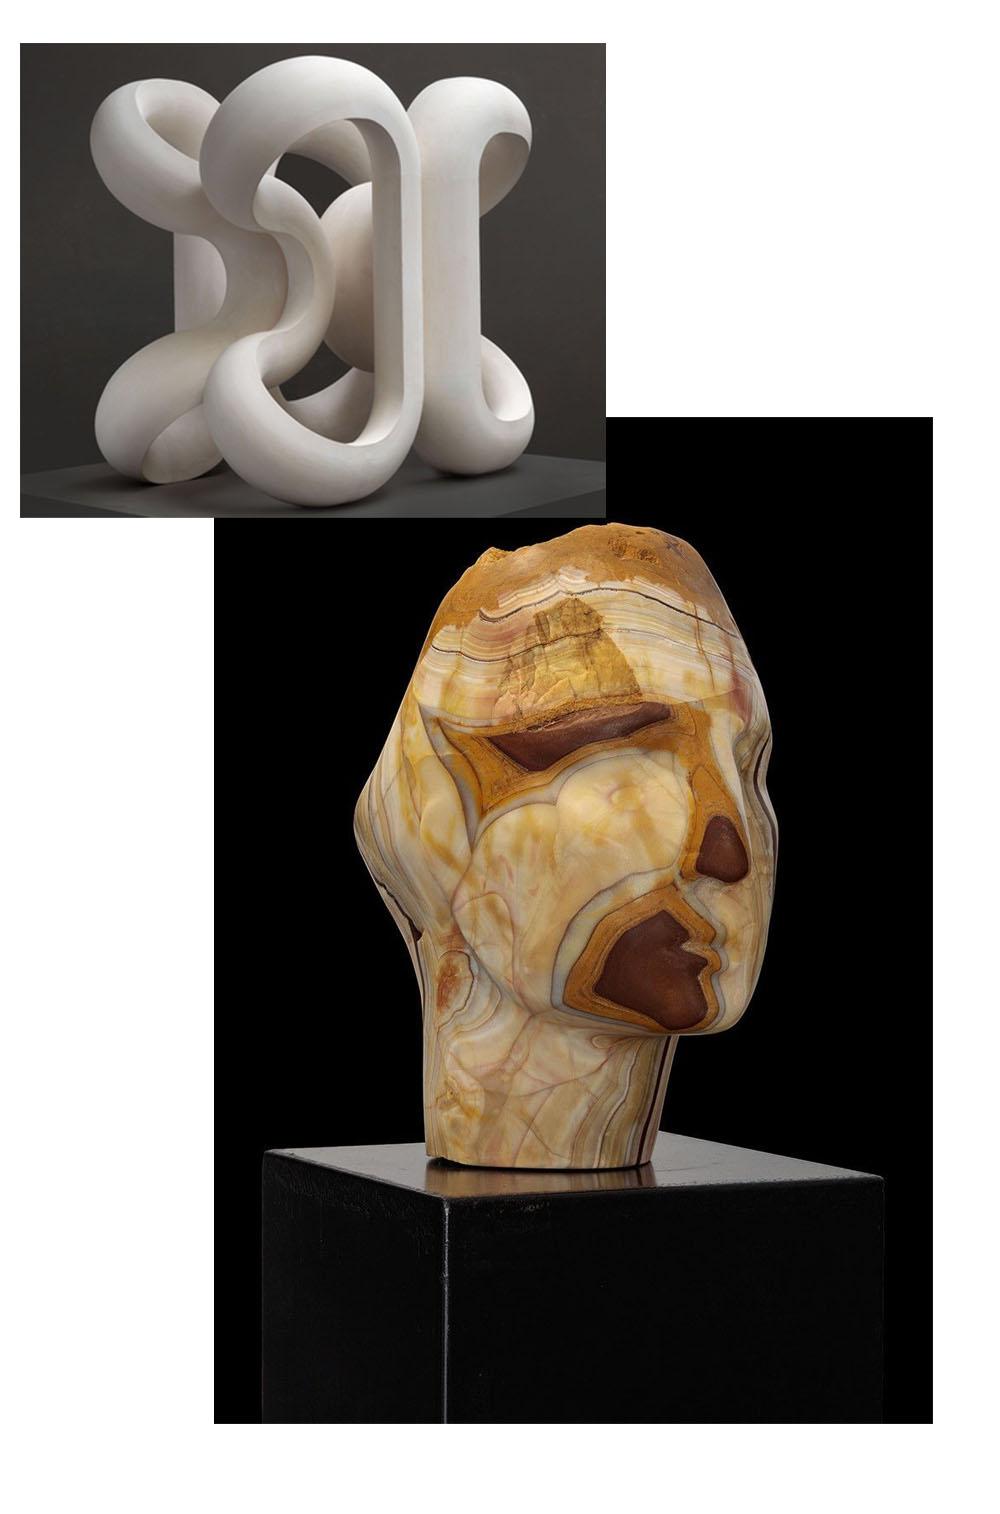 Robert Bowman, Bowman Sculpture London